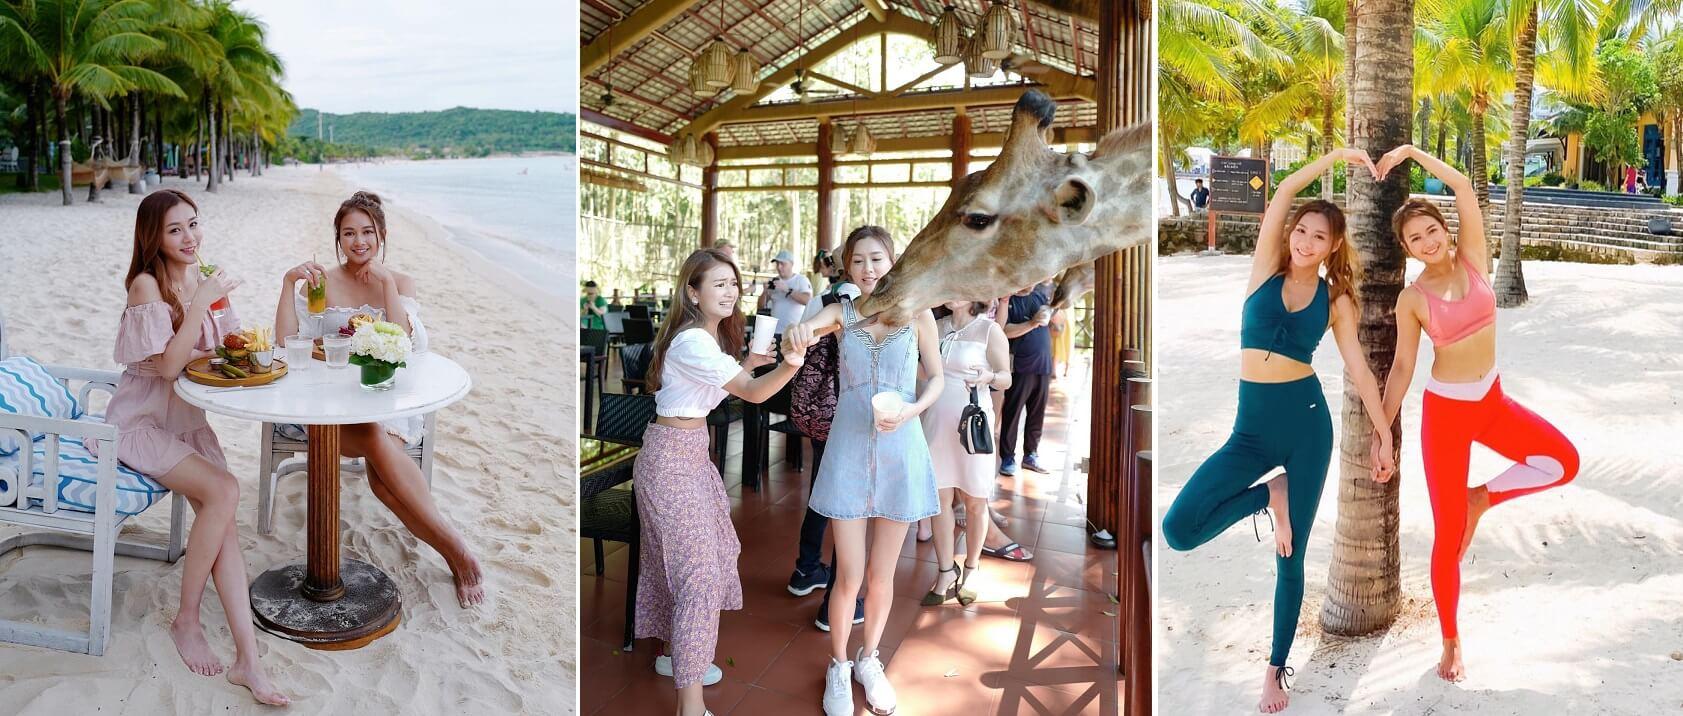 讓女主持騷身材之餘,亦不能失節目旅遊本意,亦要介紹當地遊玩好去處和文化。